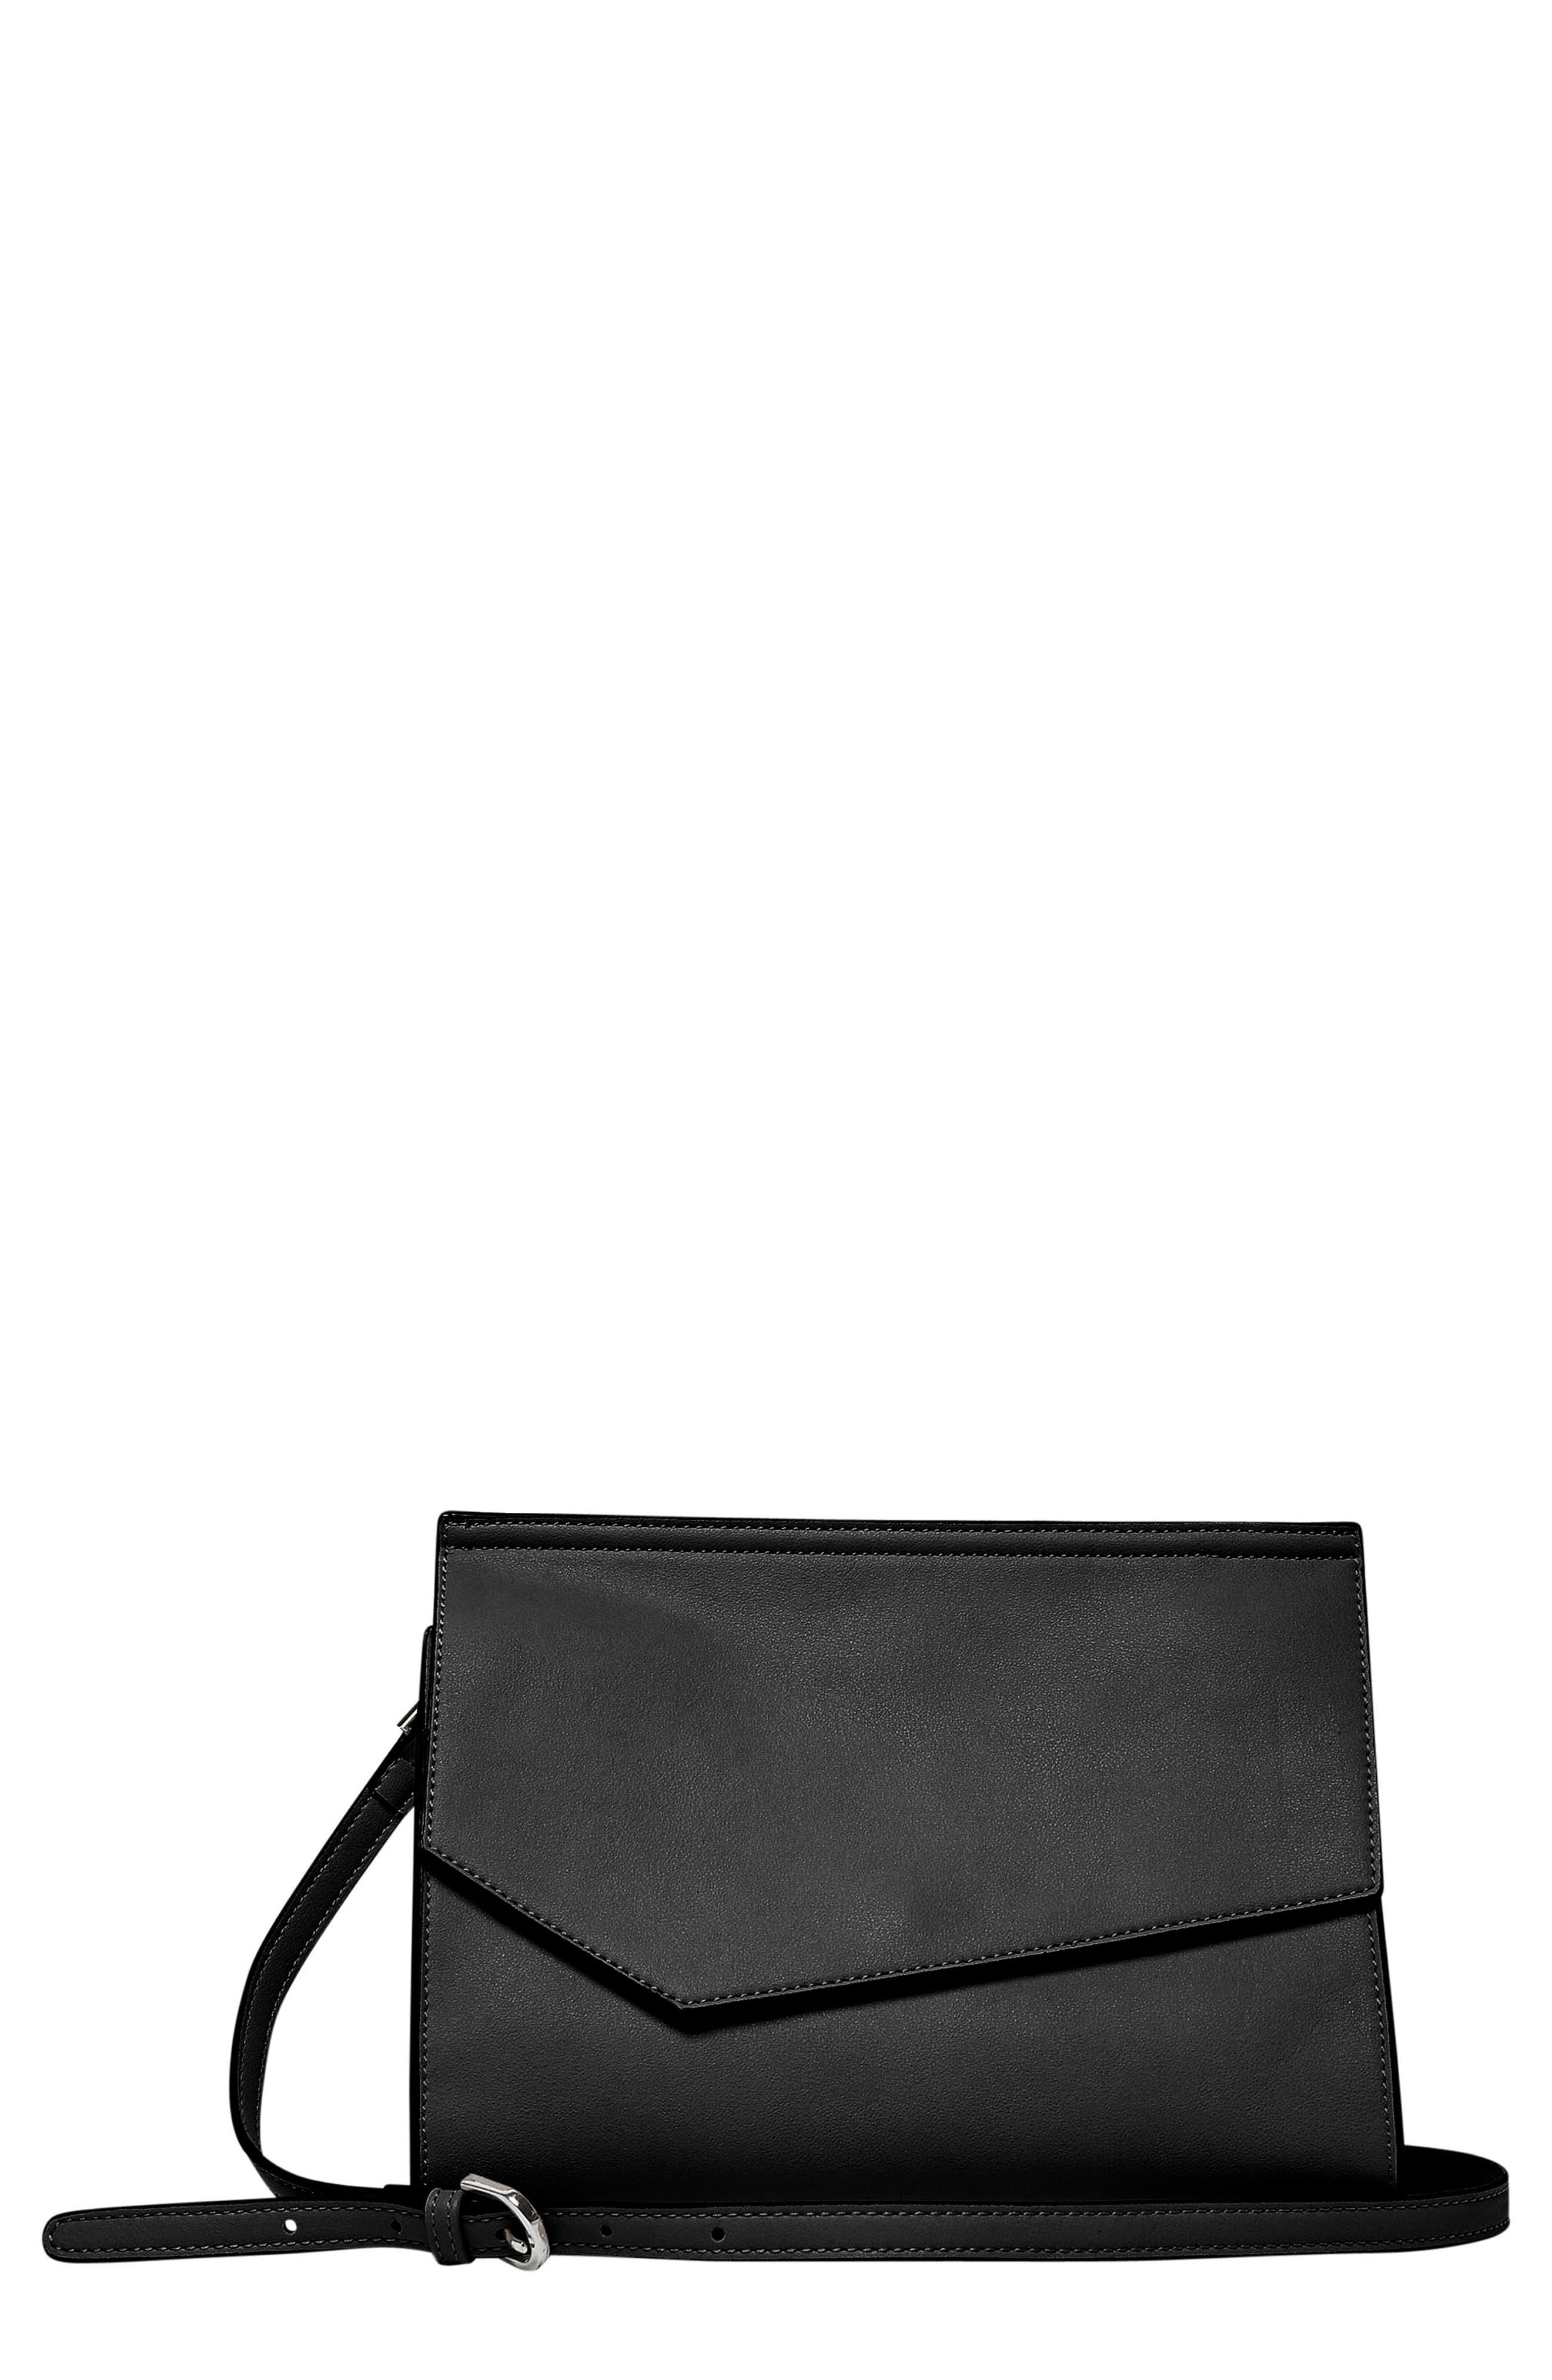 Main Image - Urban Originals Shimmer Vegan Leather Shoulder Bag